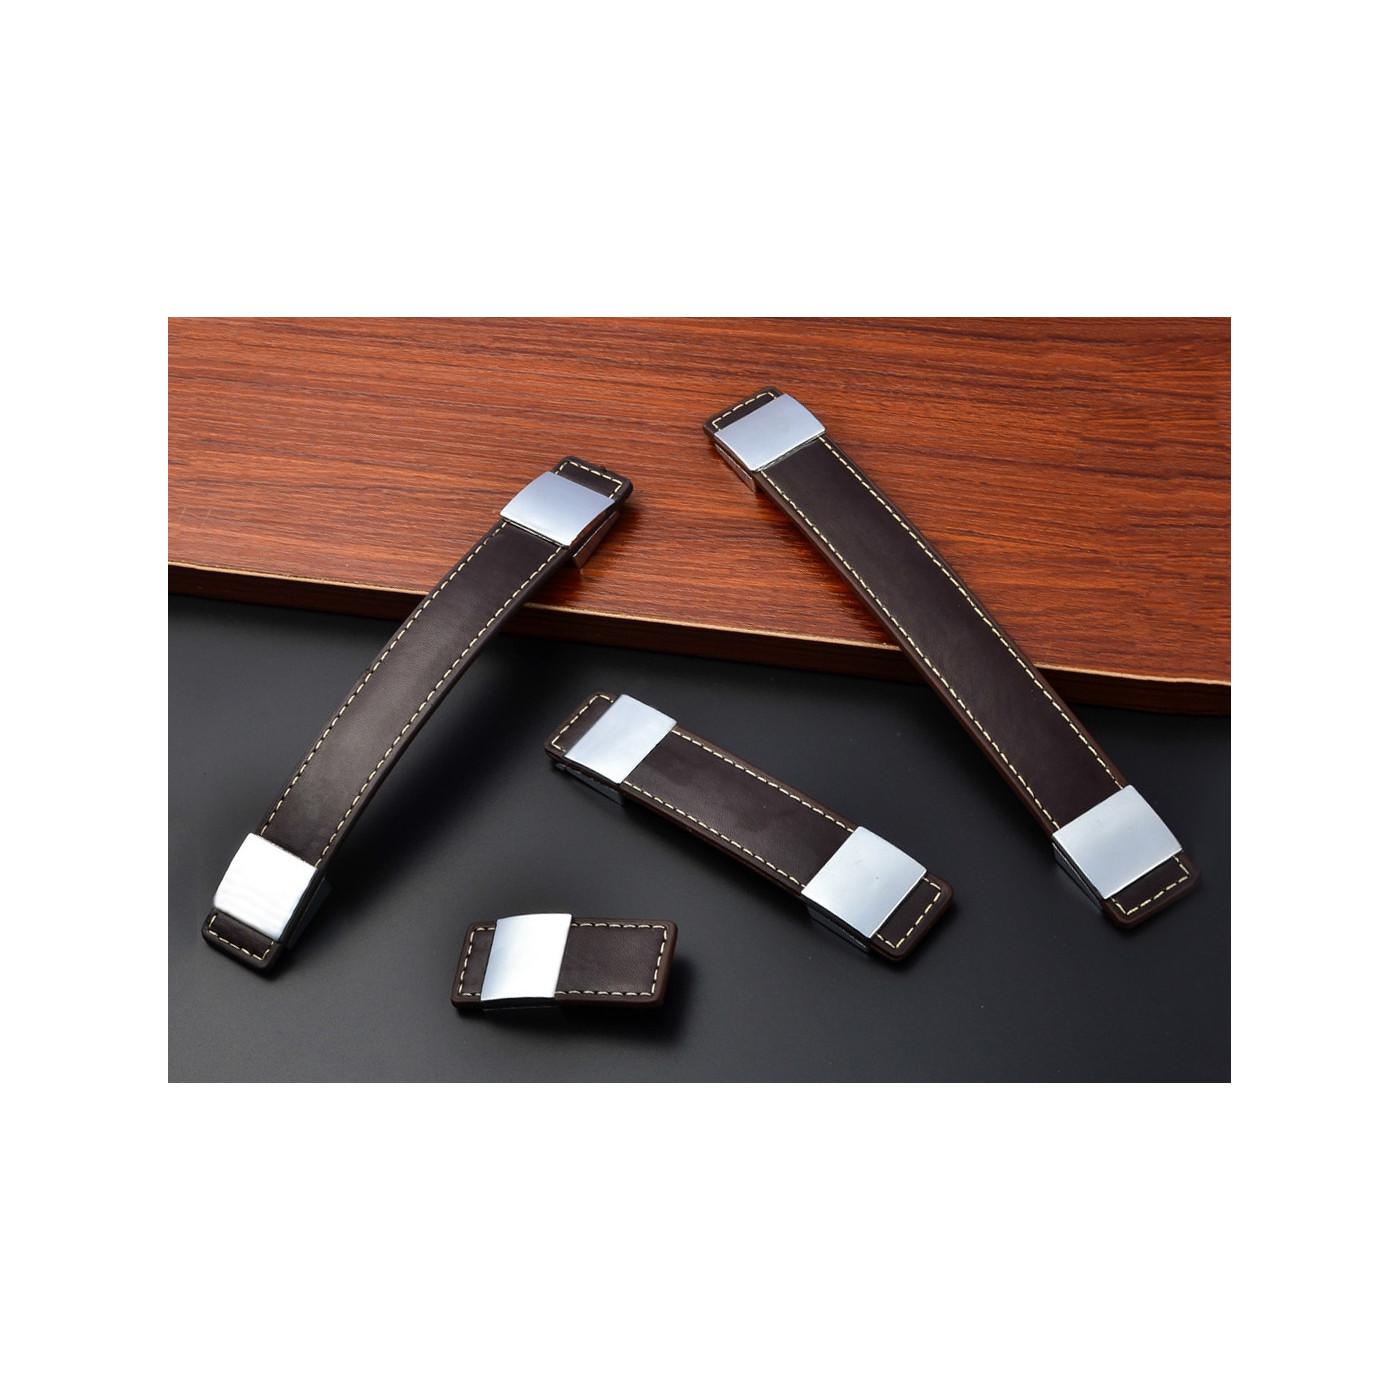 Lot de 4 poignées de meuble en cuir, brun foncé, 69x30 mm